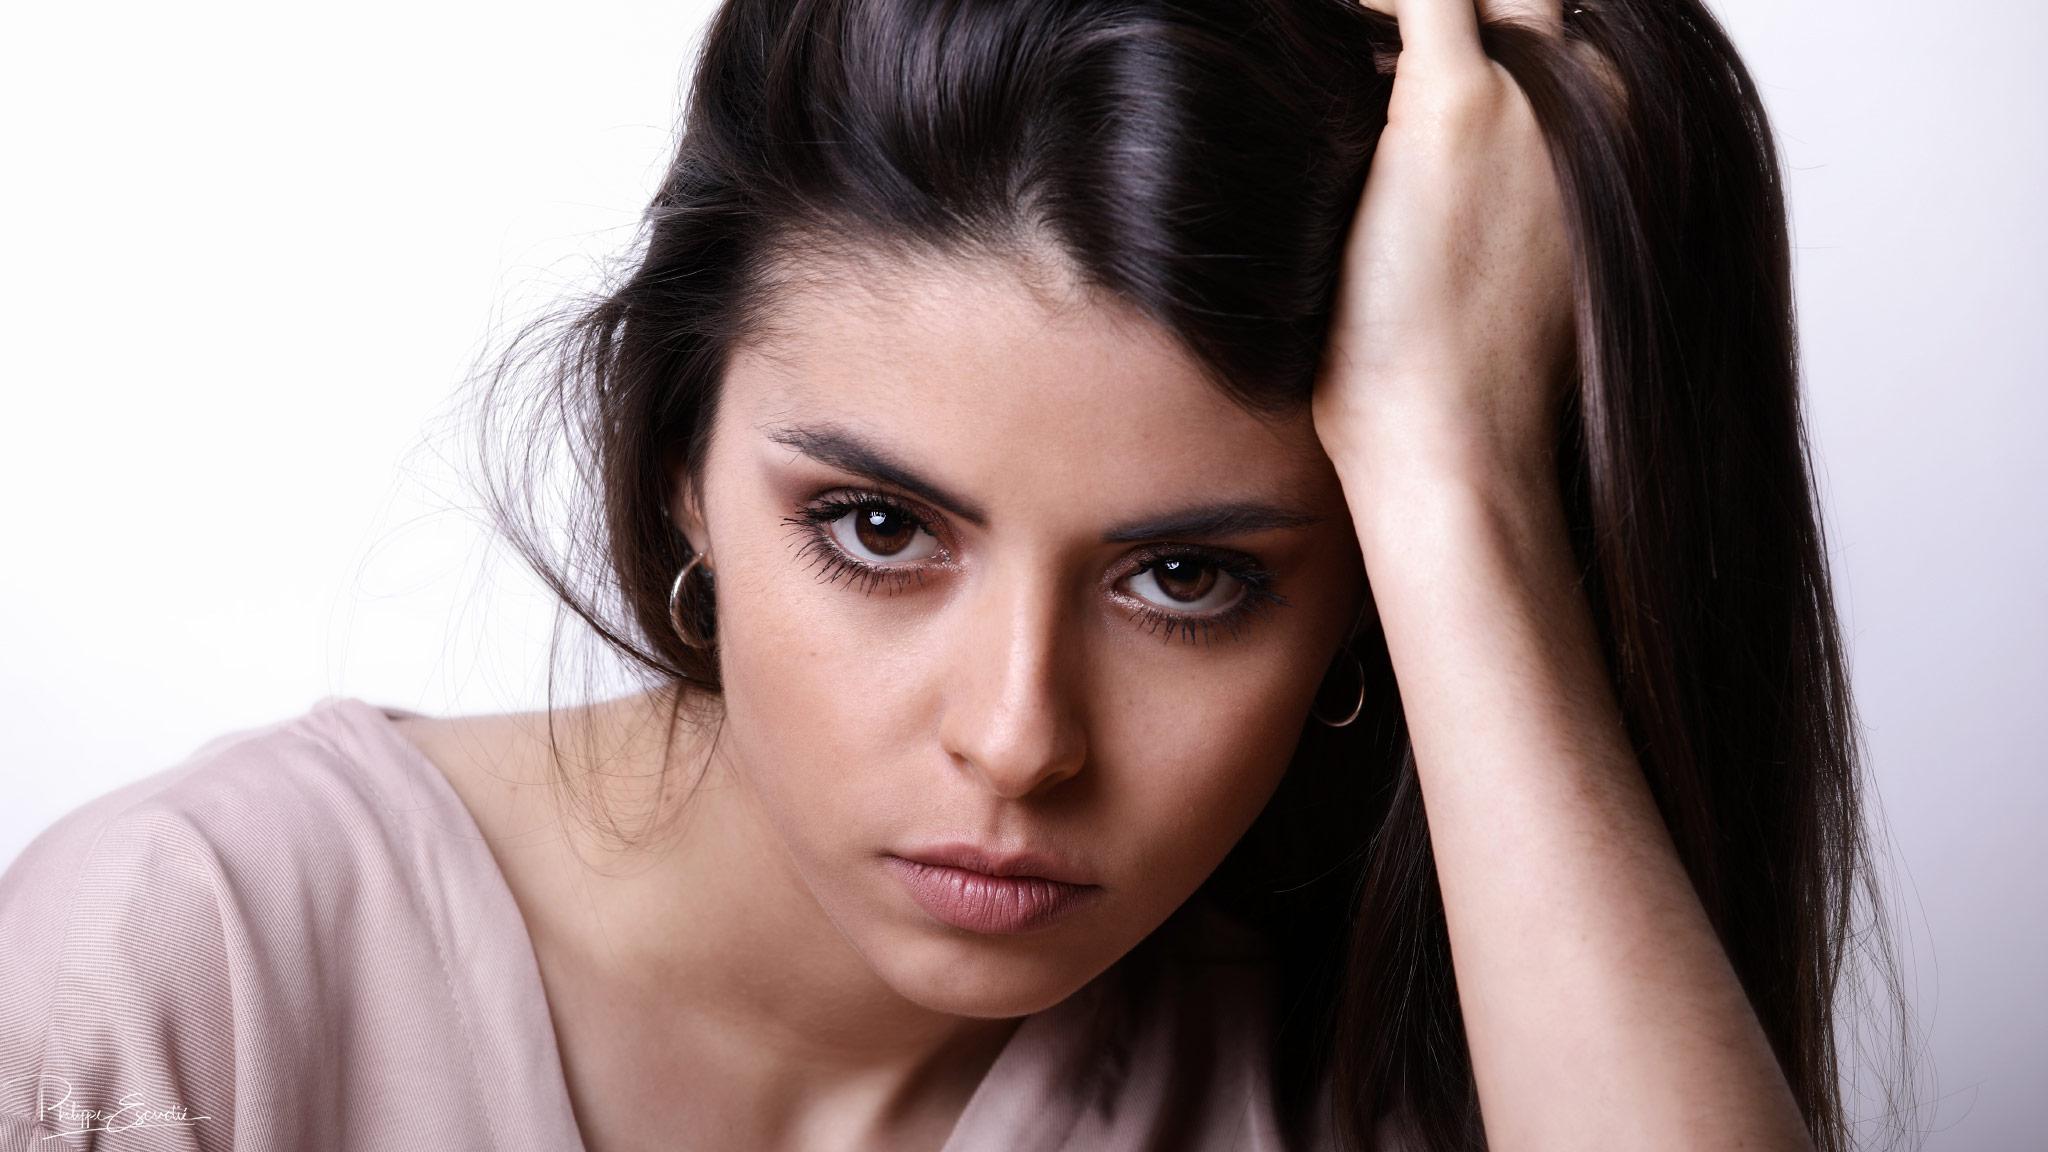 Portrait visage de Jennyfer, jeune modèle photo féminin, la main dans les cheveux.